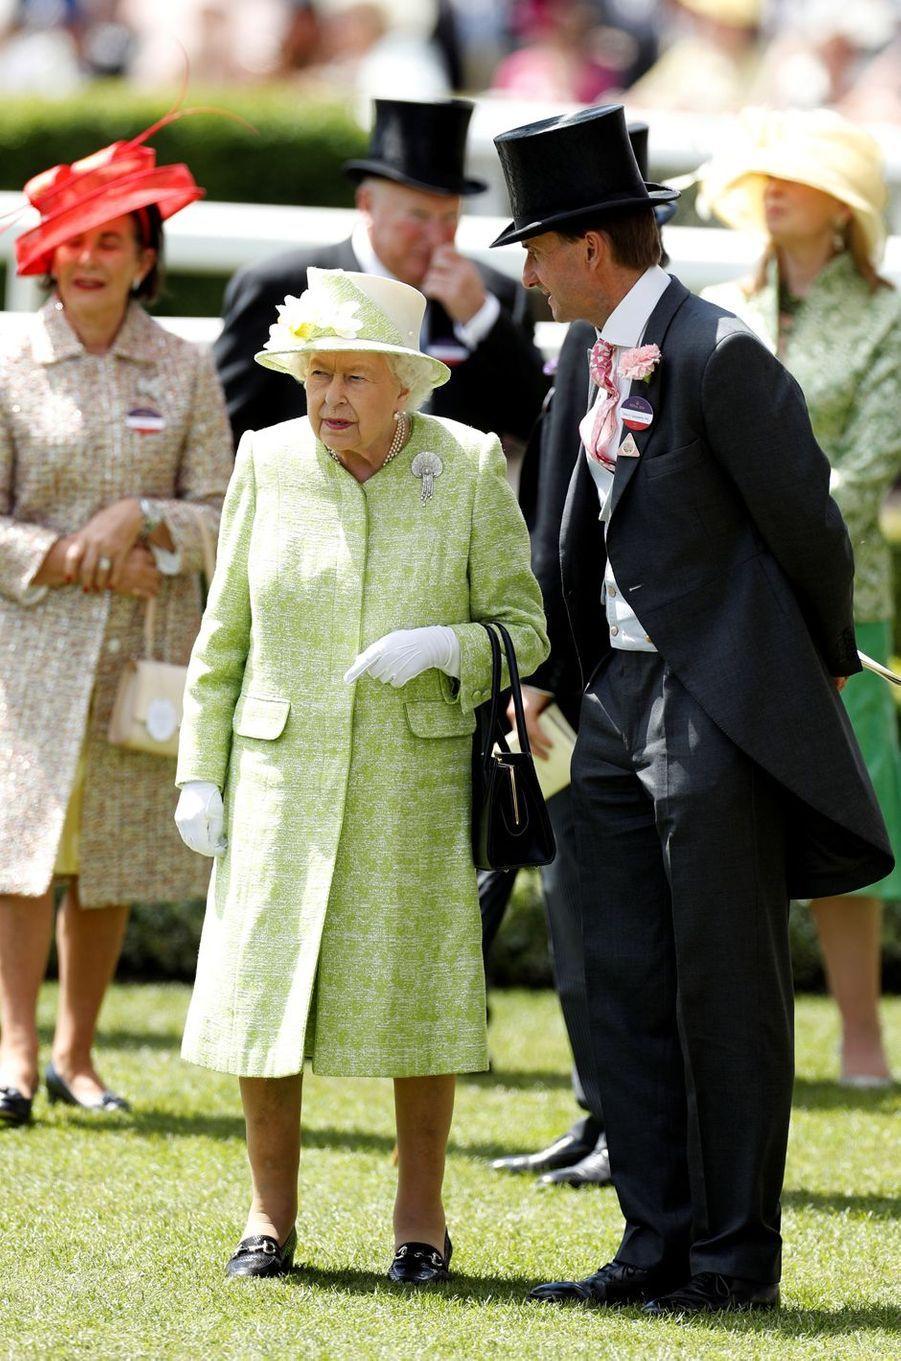 La reine Elizabeth II au Royal Ascot, le 22 juin 2019